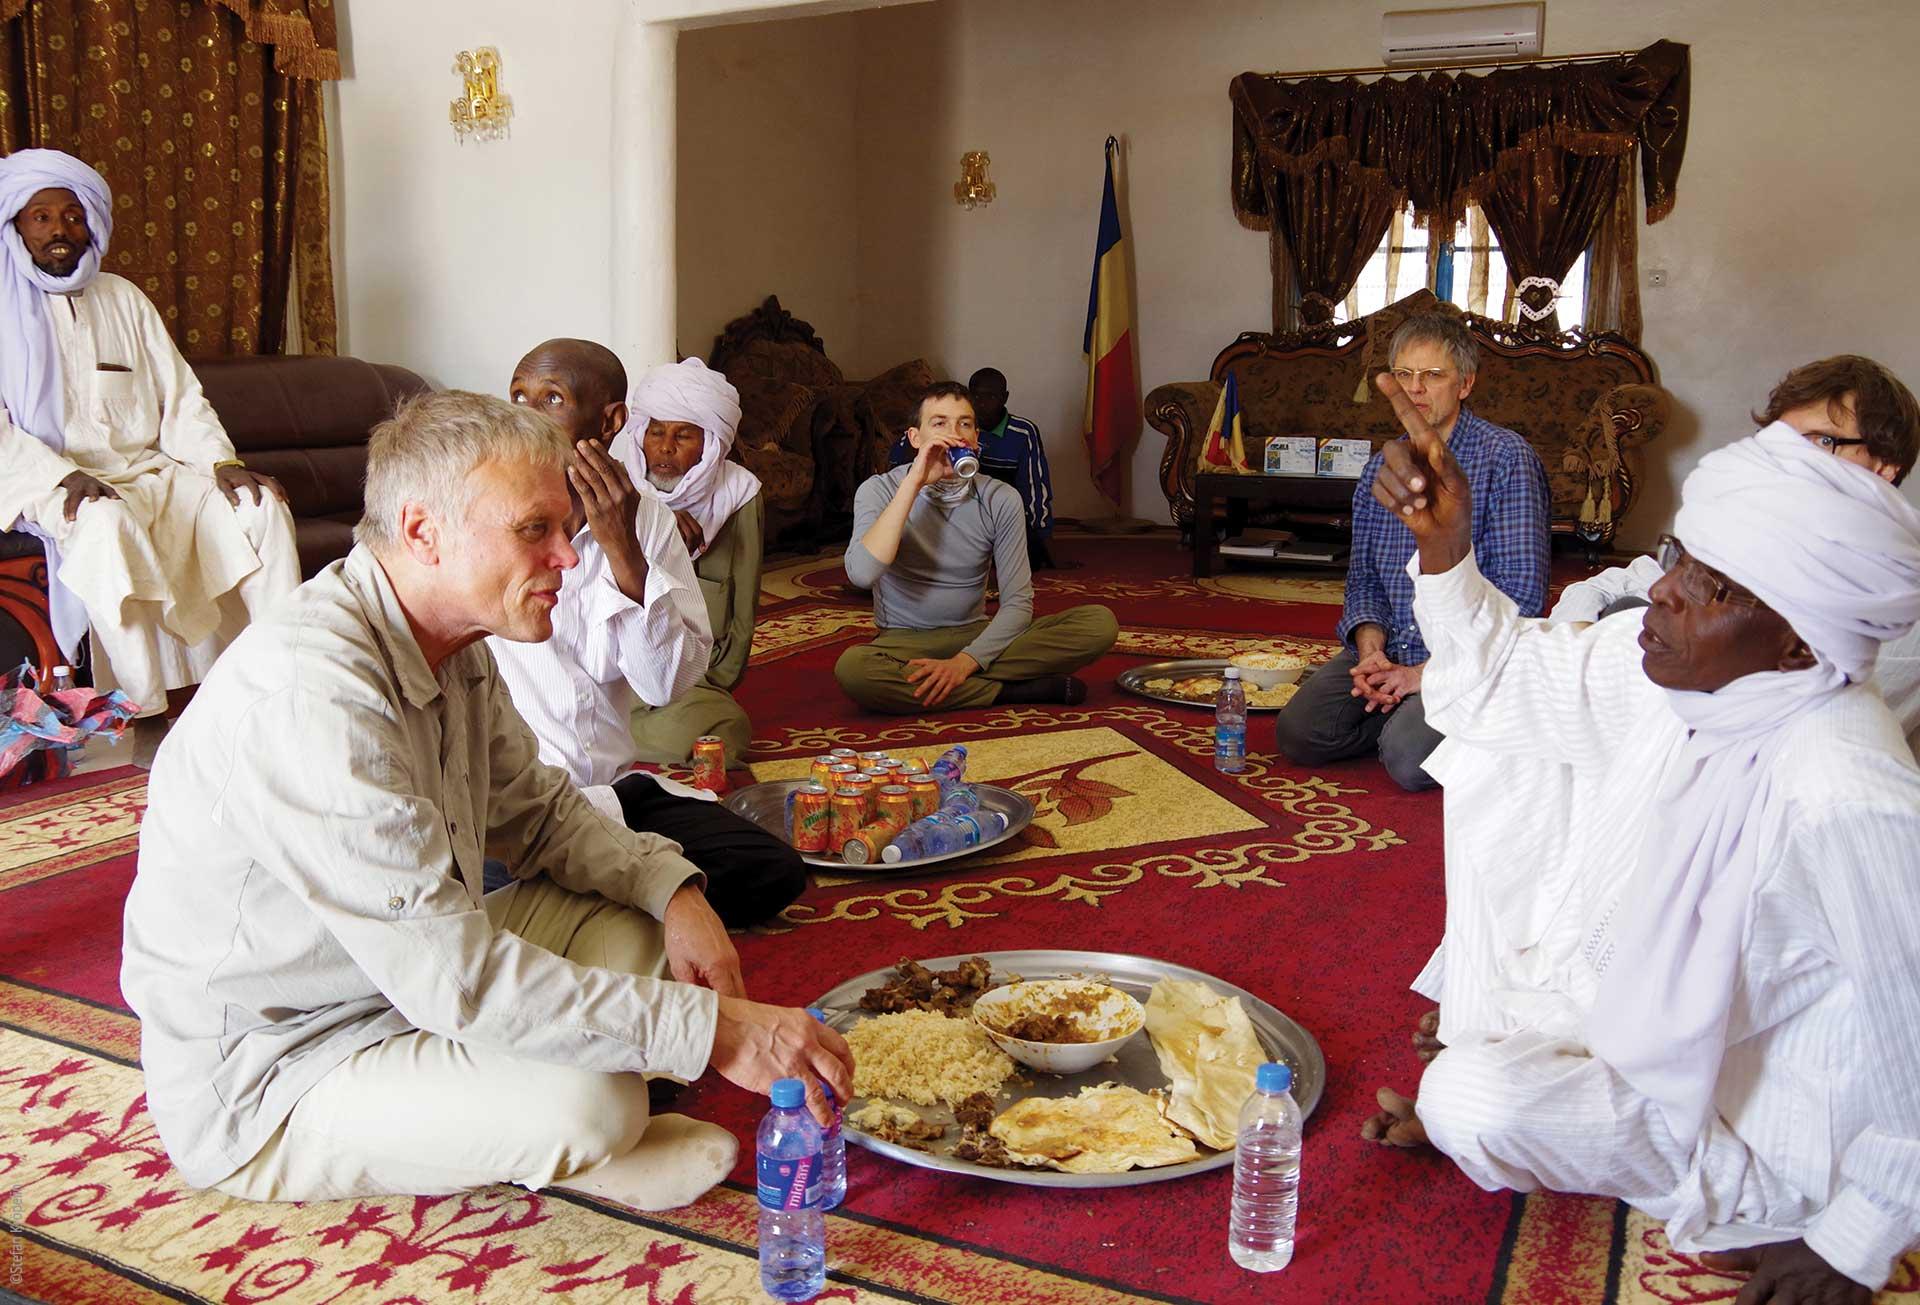 Forschungen und Expeditionen im Norden des Tschad, Zusammenarbeit mit der Bevölkerung, Expeditionsteilnehmer und Bewohner beim gemeinsamen Essen, Explore Chad